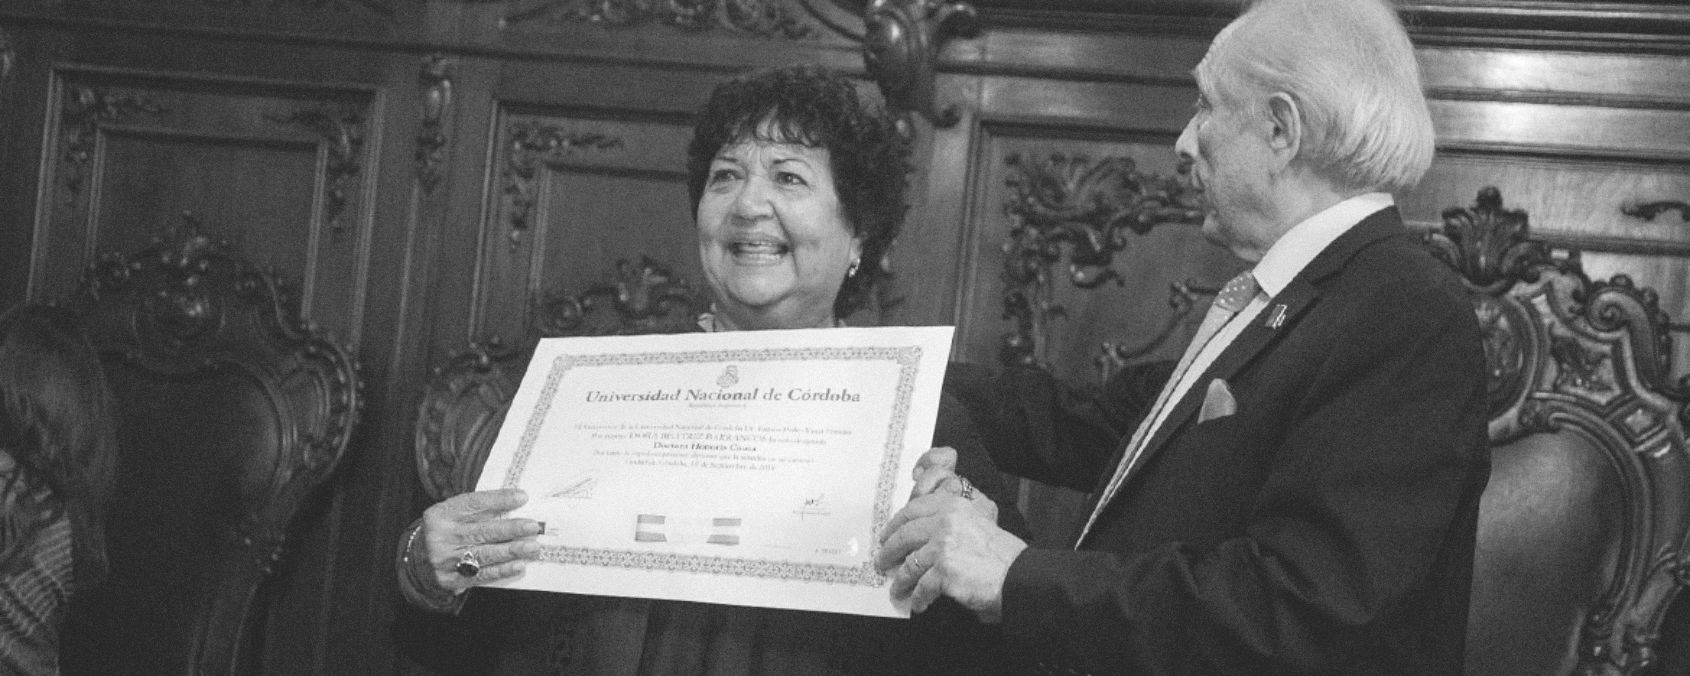 """Dora Barrancos: """"La Universidad tiene obligaciones inmarcesibles con los sectores postergados de la sociedad"""""""